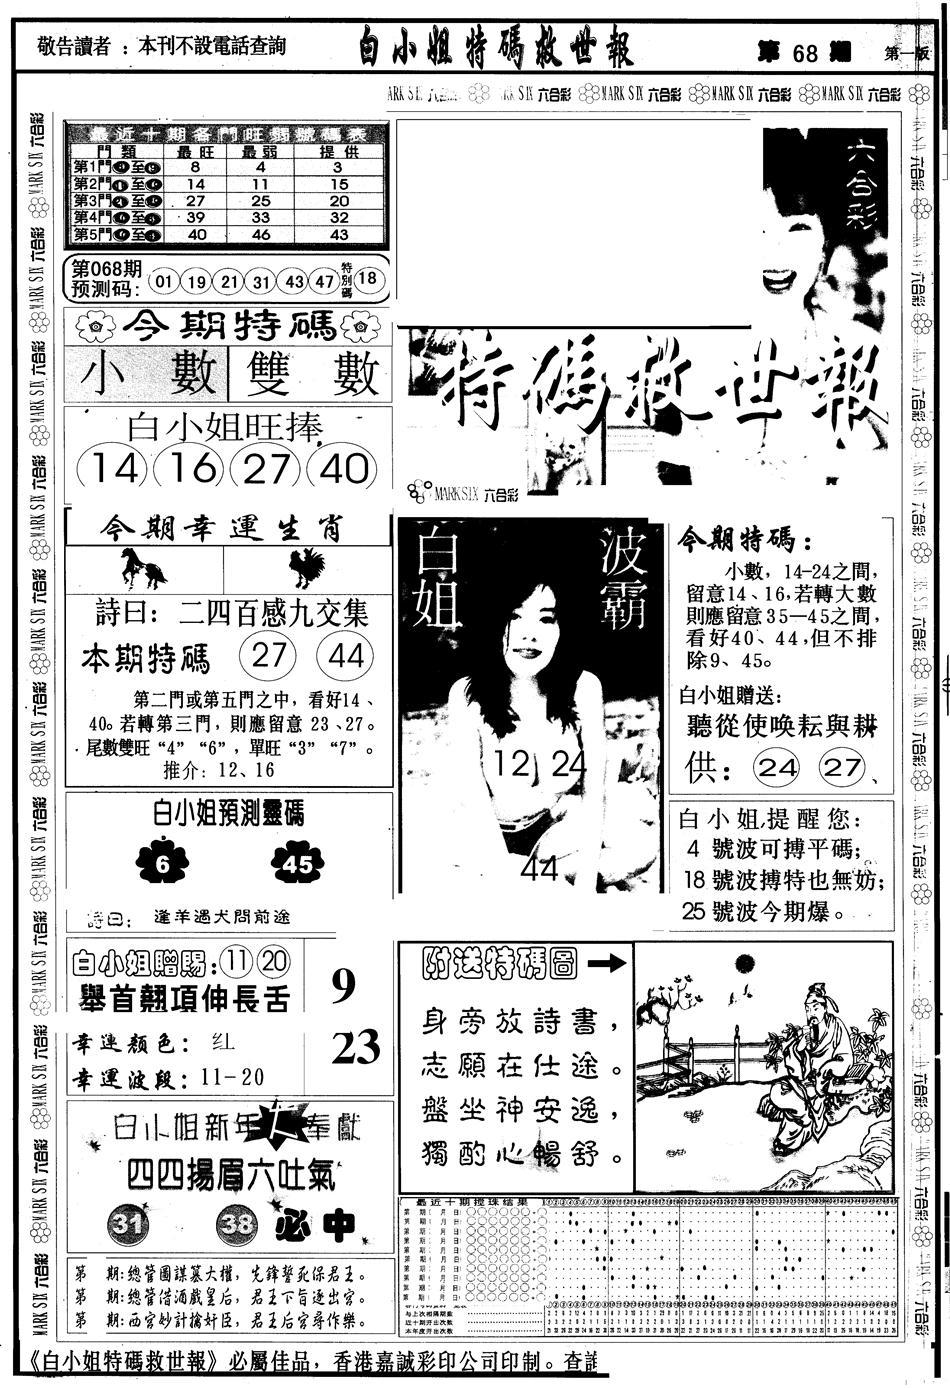 068期另版白急旋风A(黑白)